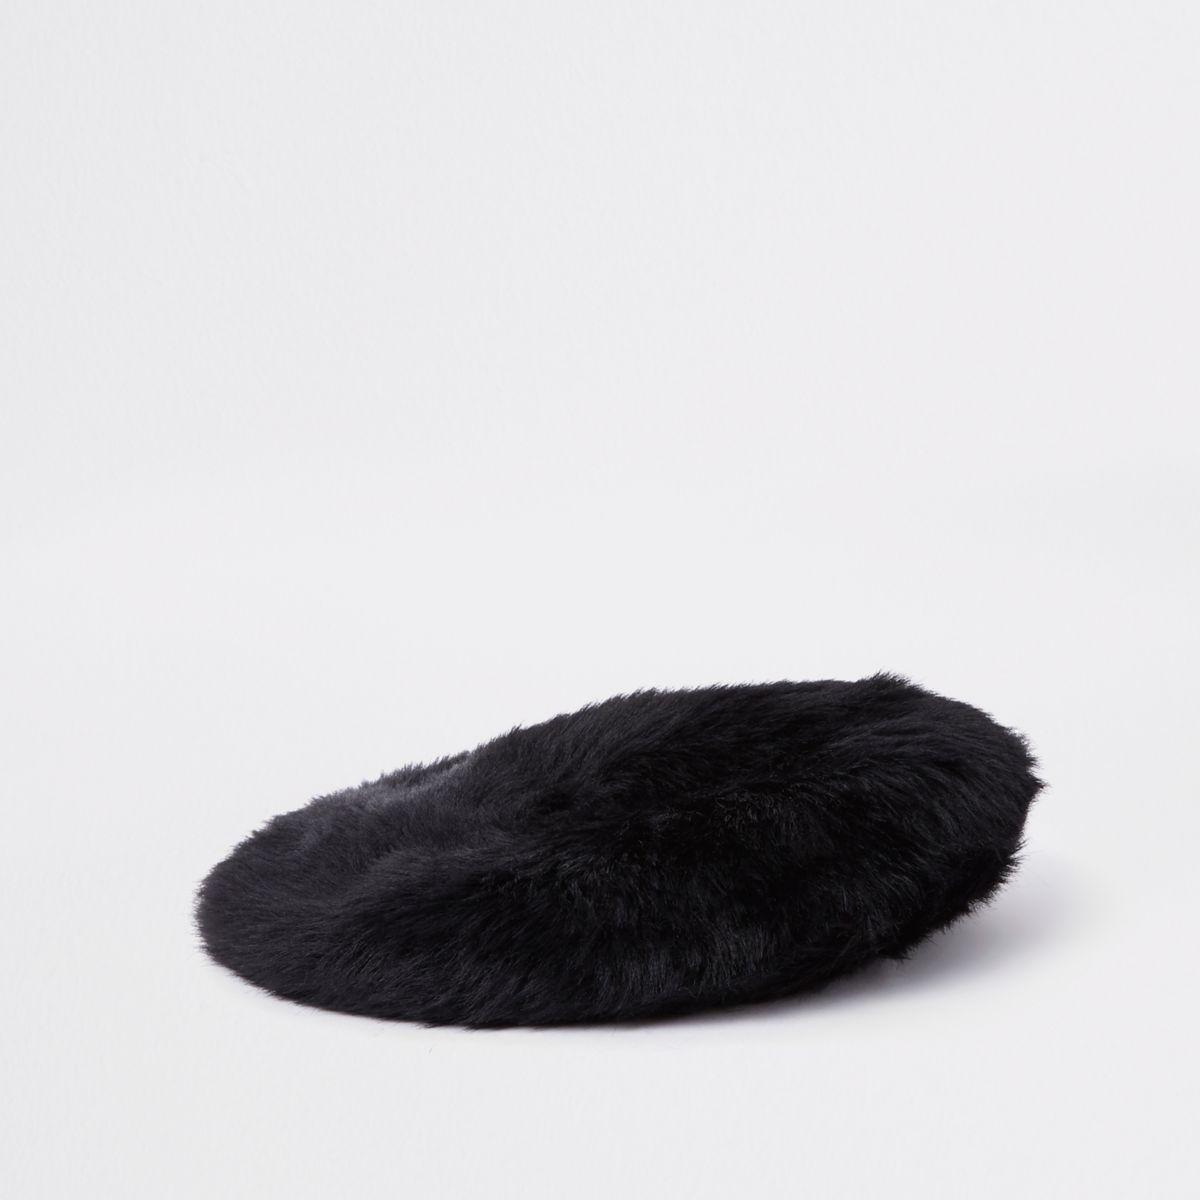 Zwarte zachte baret